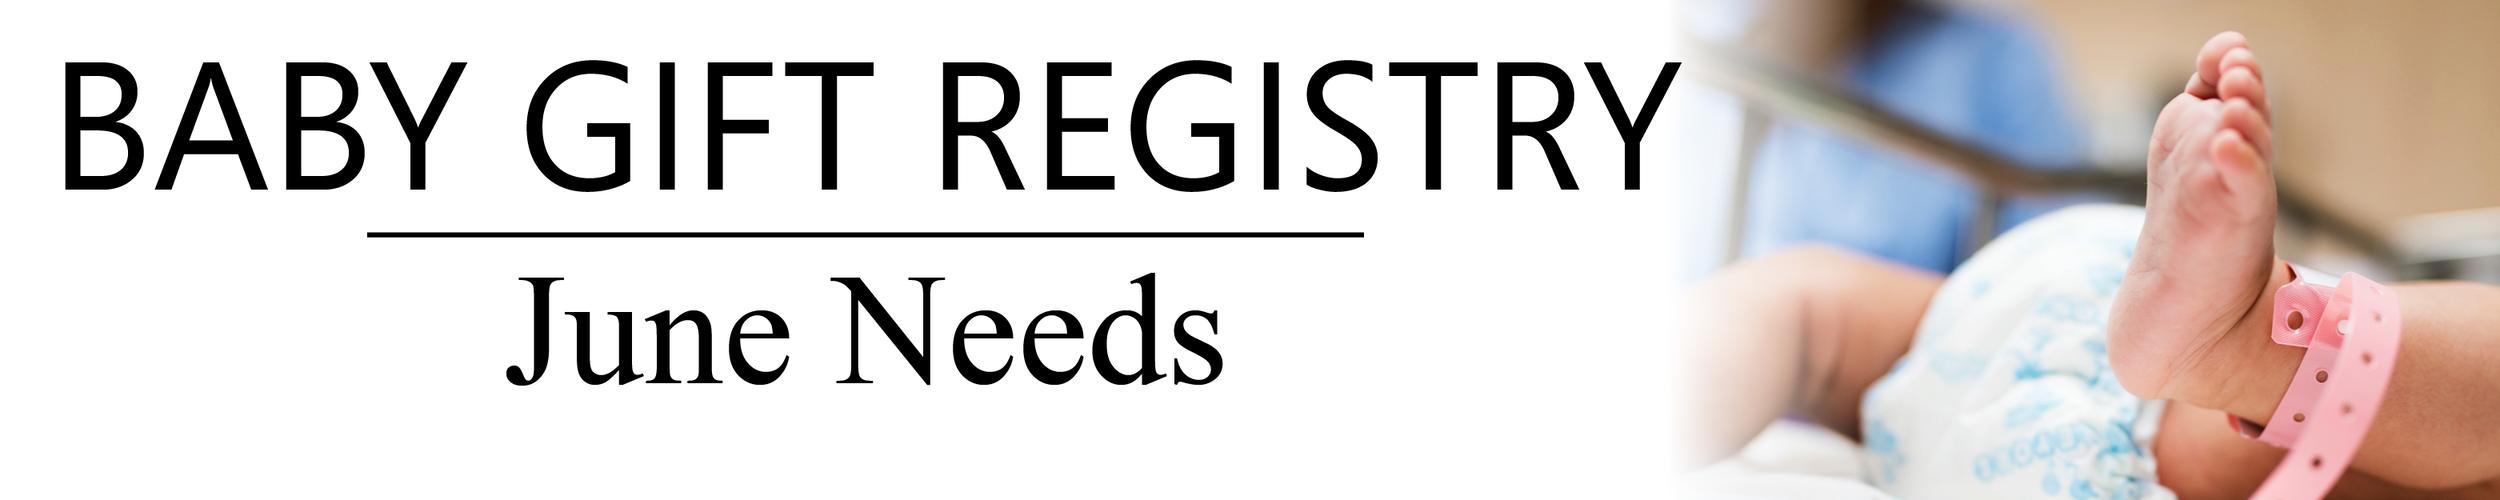 06-2018 - Baby Gift Registry - Blog Banner.png